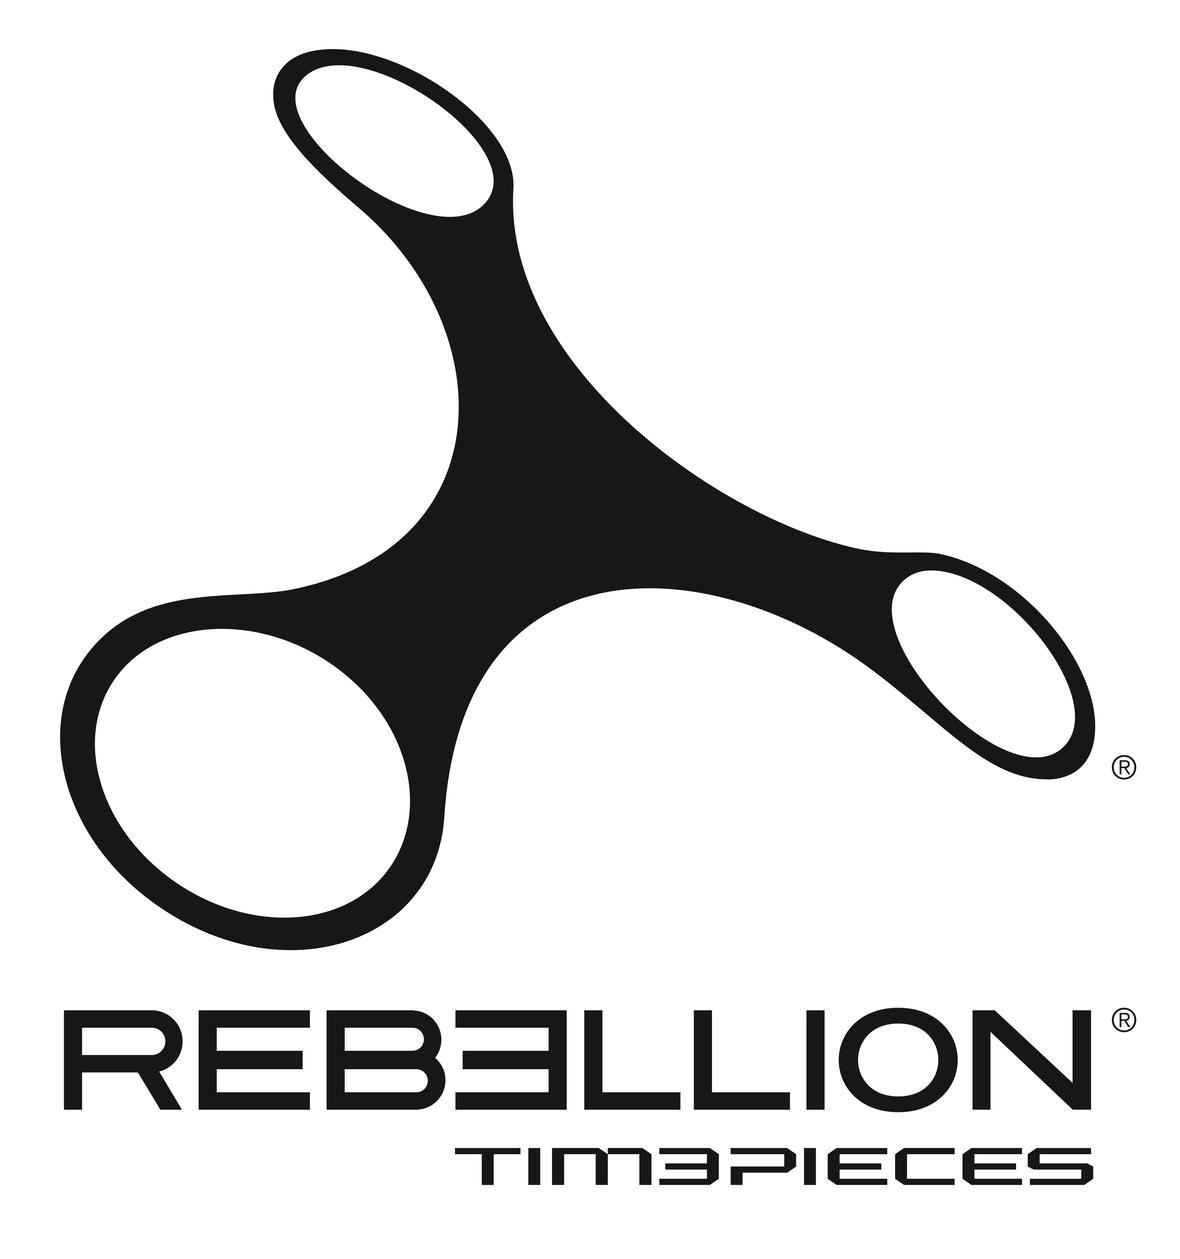 cp 3P logo-REBELLION-TIMEPIECES-2018